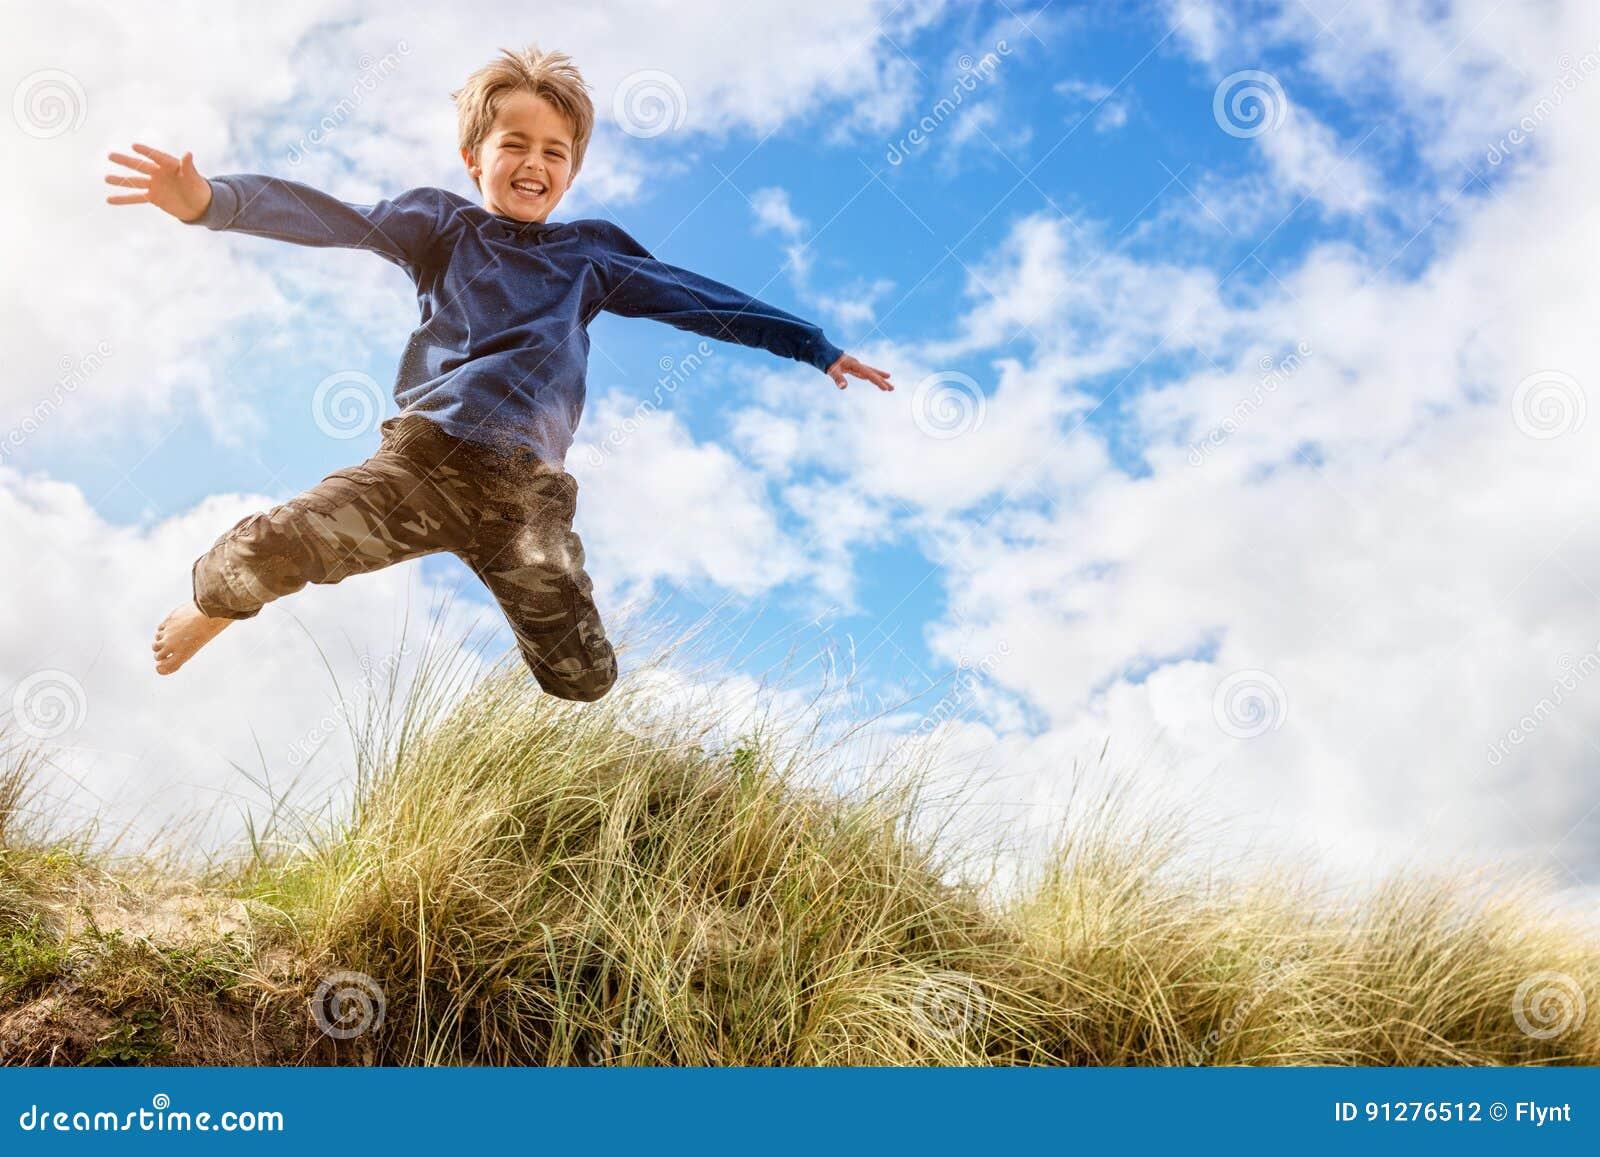 Pojke som hoppar och hoppar över sanddyn på strandsemester